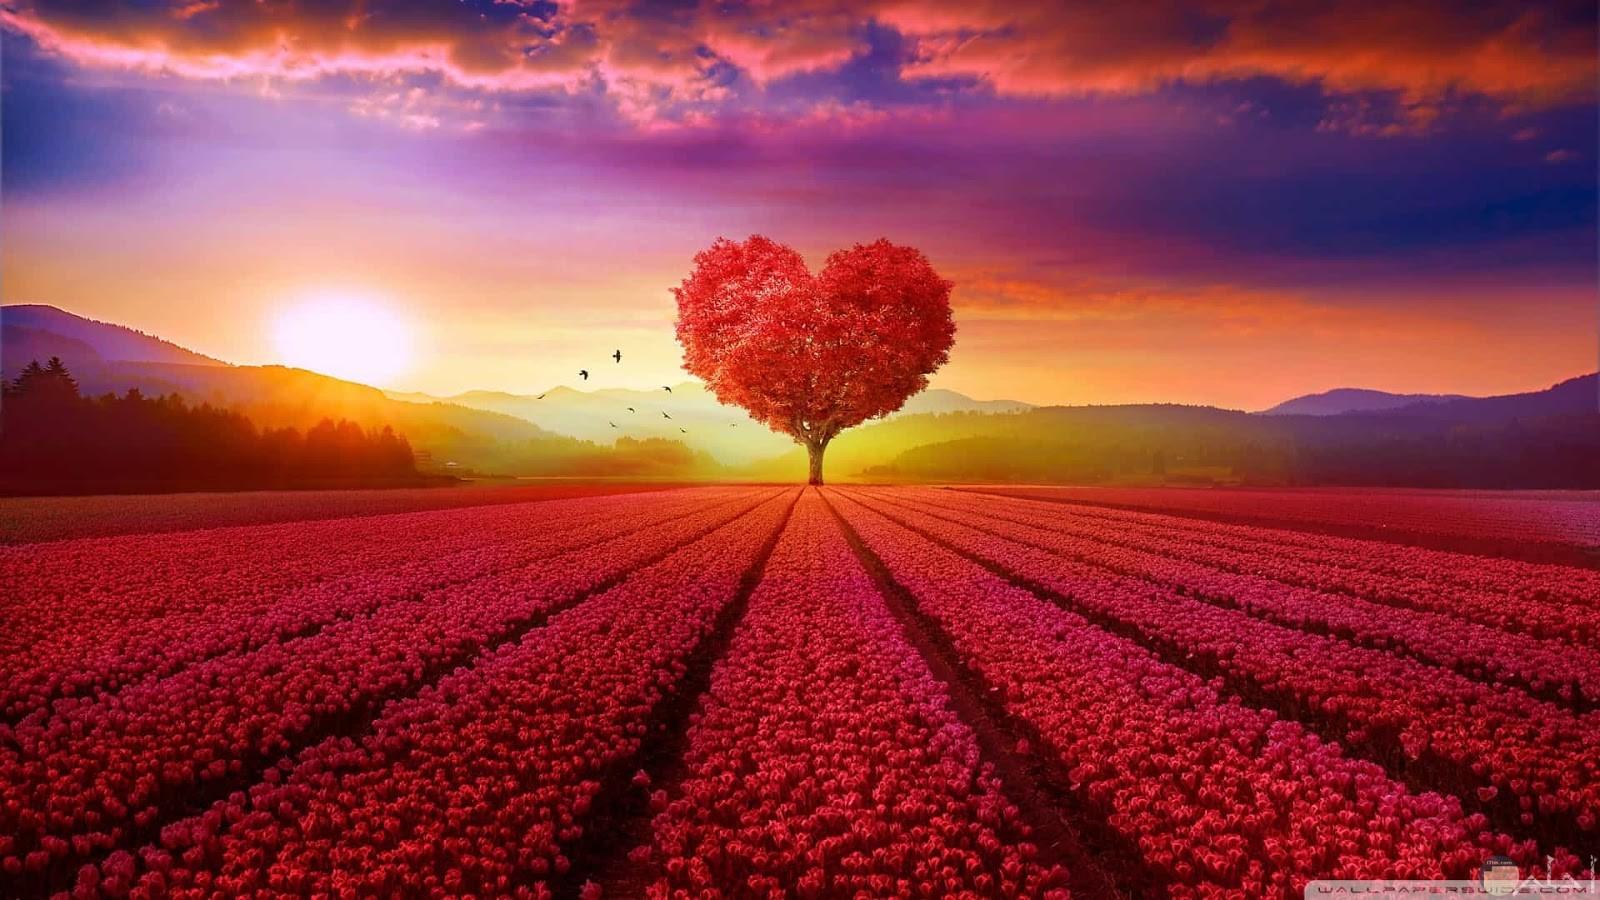 زهور حمراء كثيرة مرتبة وشجرة حمراء علي شكل قلب